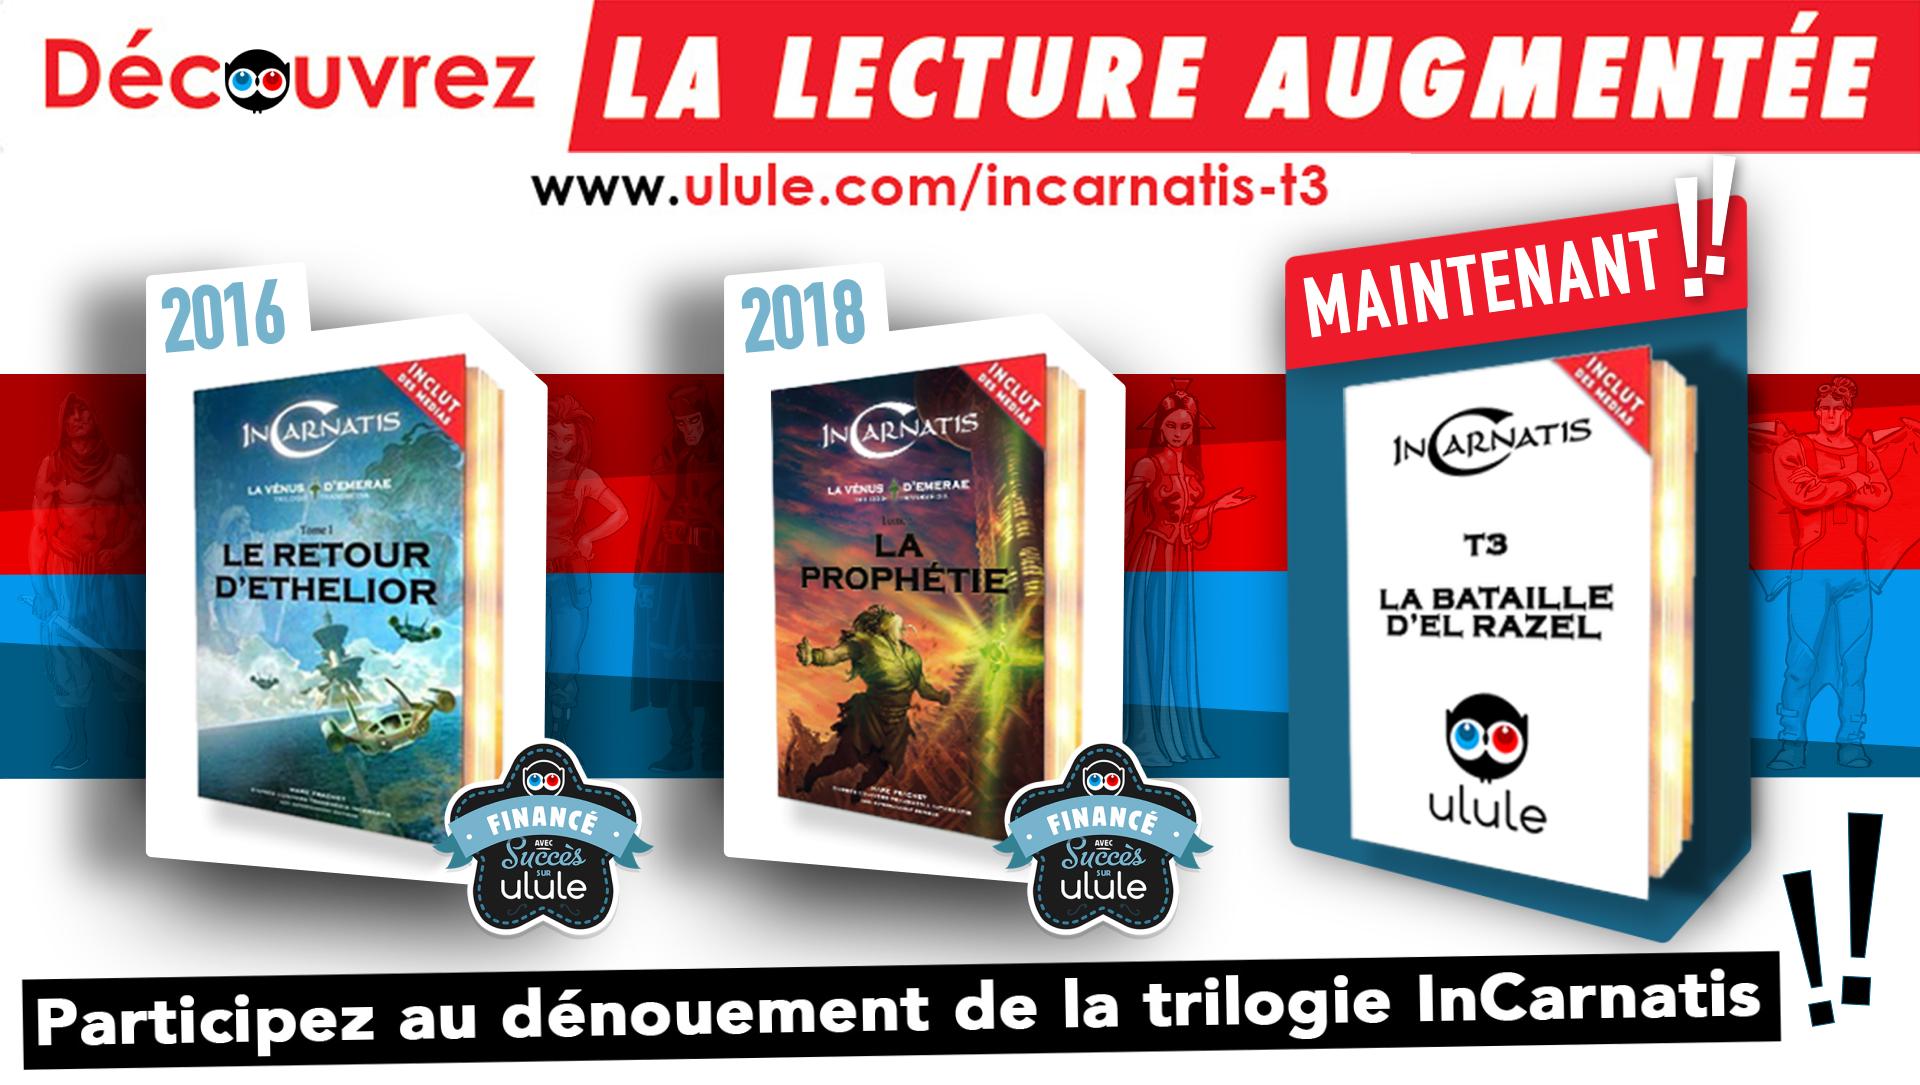 Participez à l'aventure InCarnatis sur Ulule pour finaliser la trilogie transmédia !